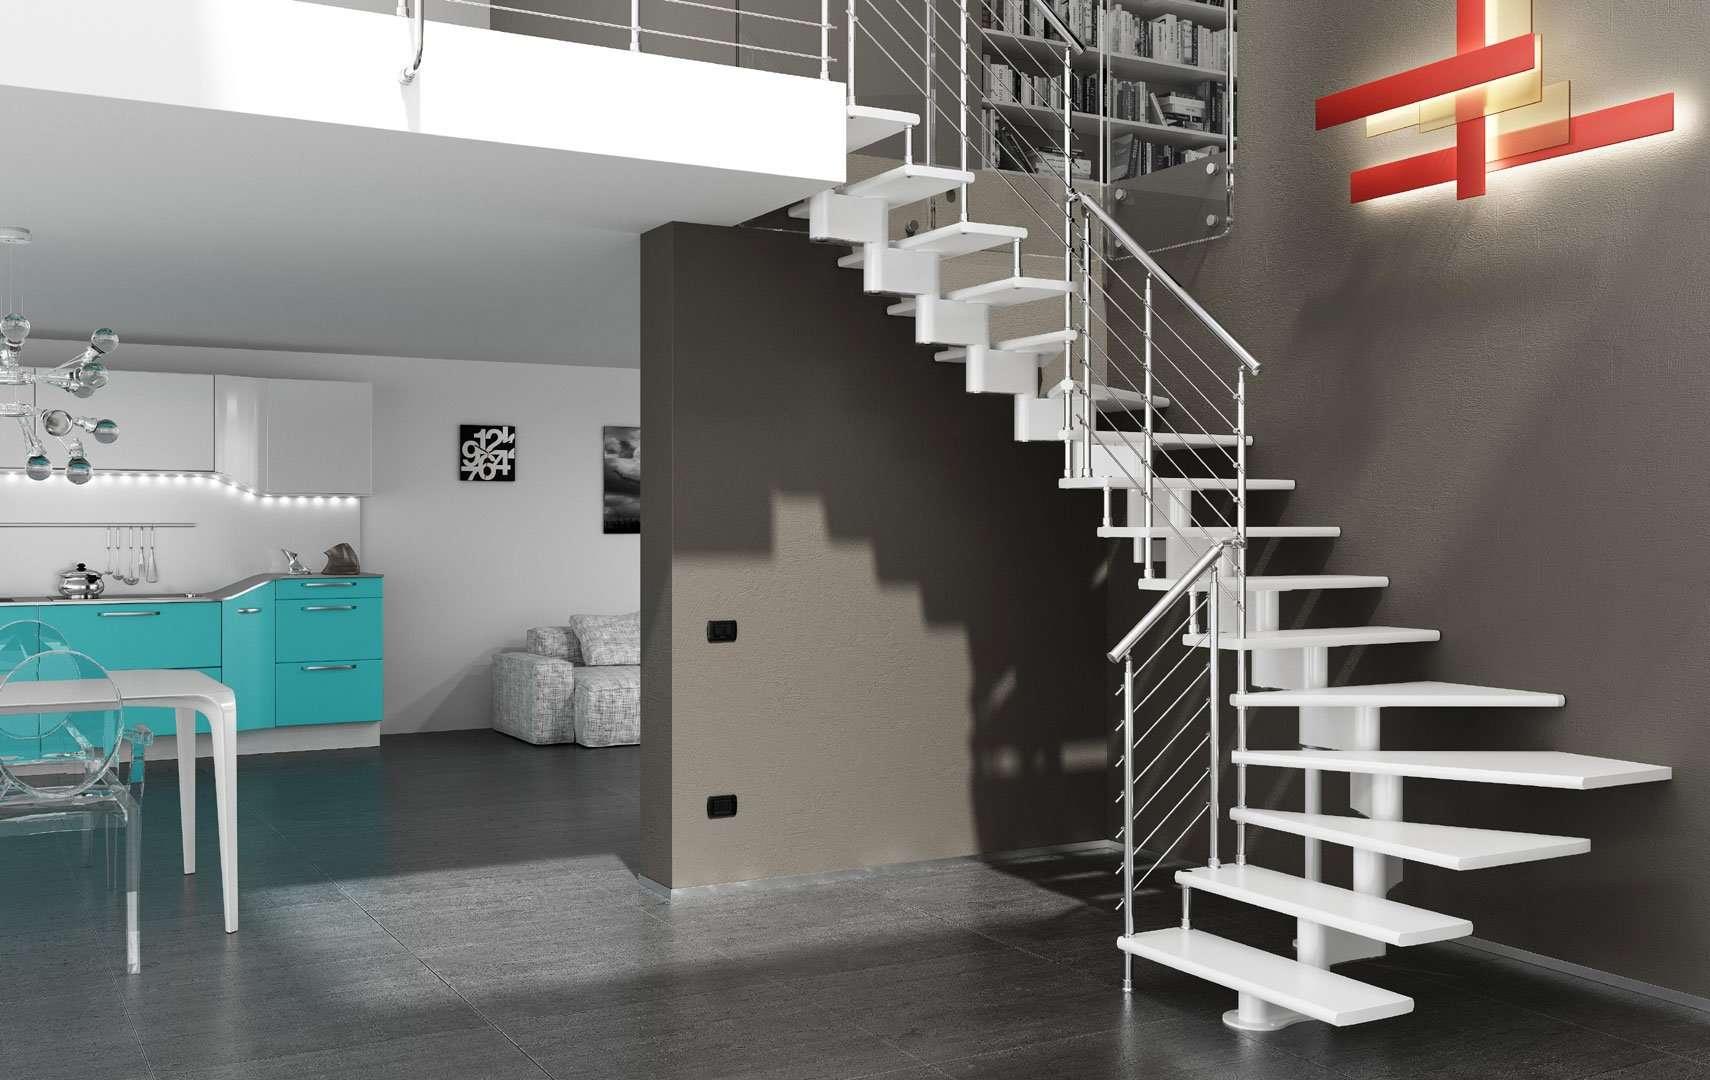 Eccellente scale interno casa zw73 pineglen for Progettare gli interni di casa